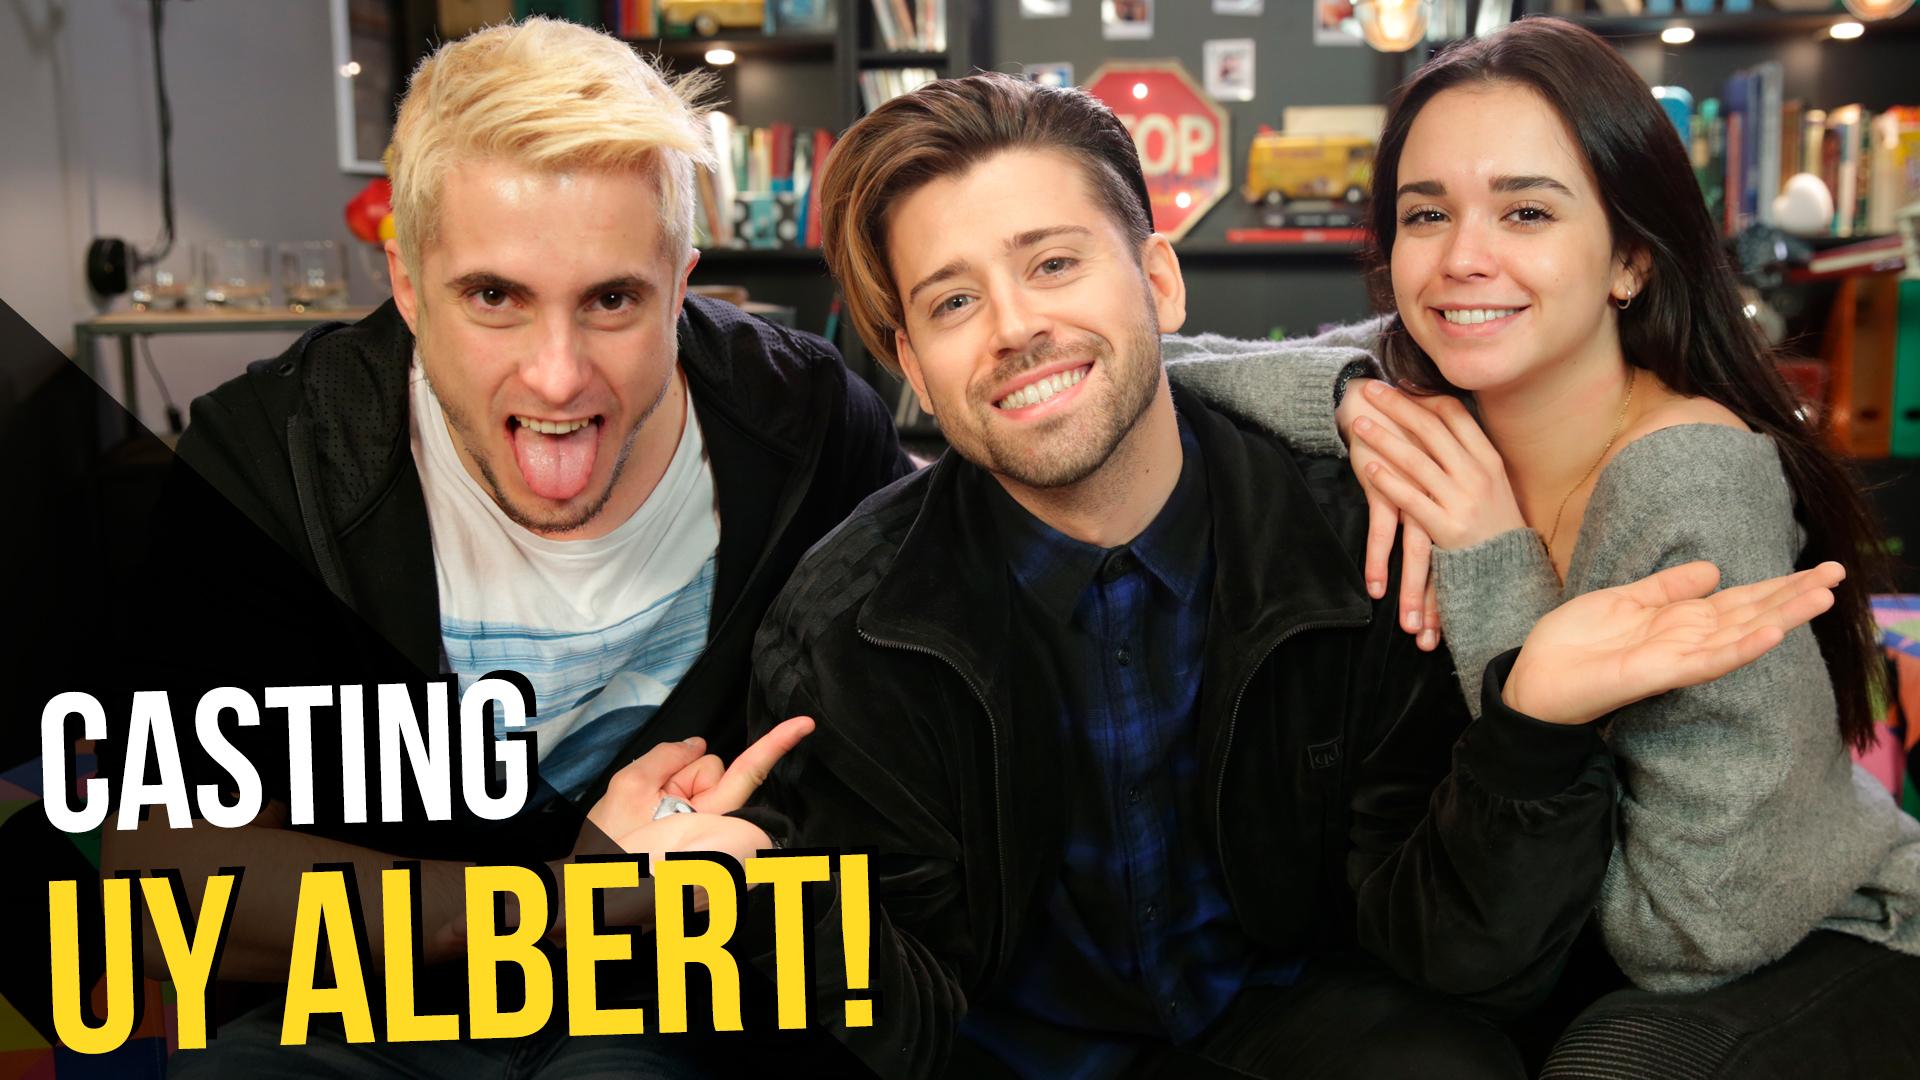 Temporada 1 ¡Damos la bienvenida a UY Albert!